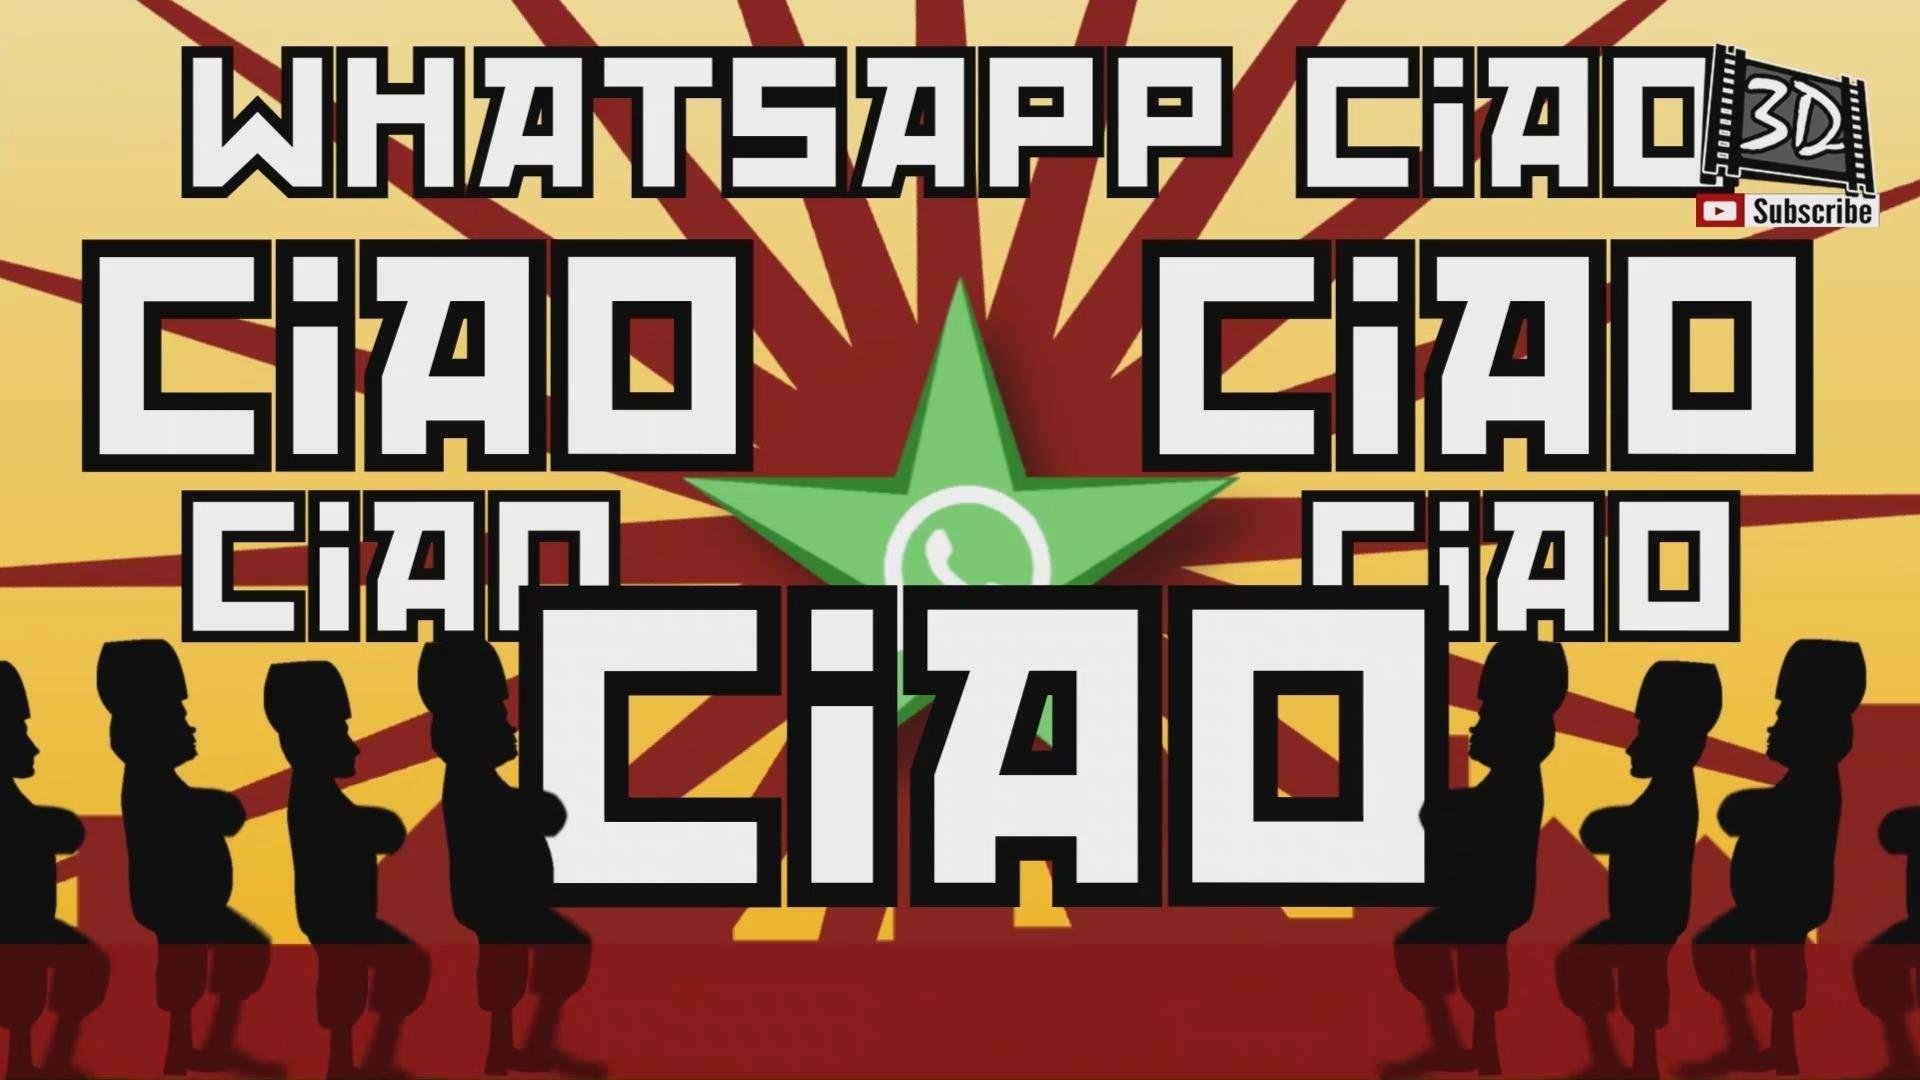 Whatsapp ciao